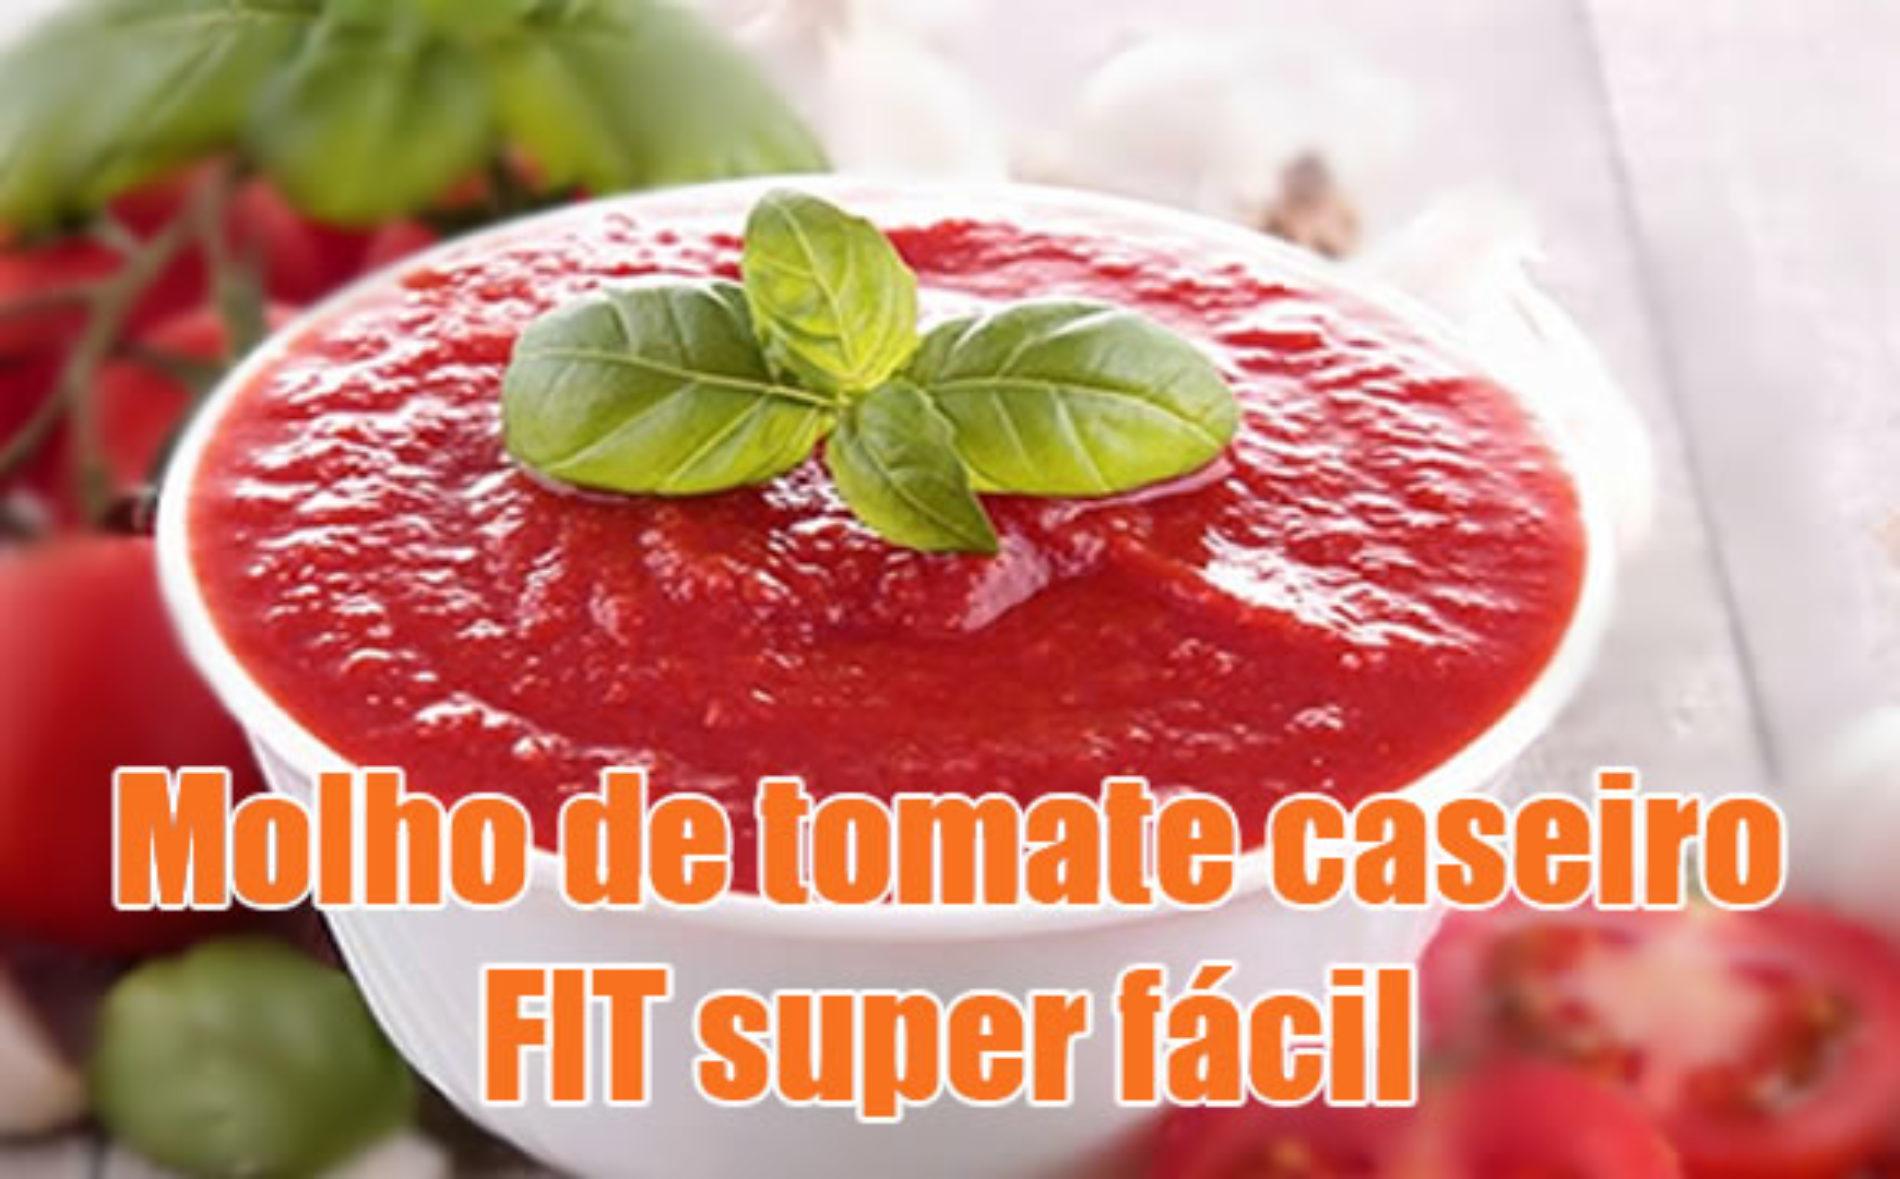 Molho de tomate caseiro FIT super fácil